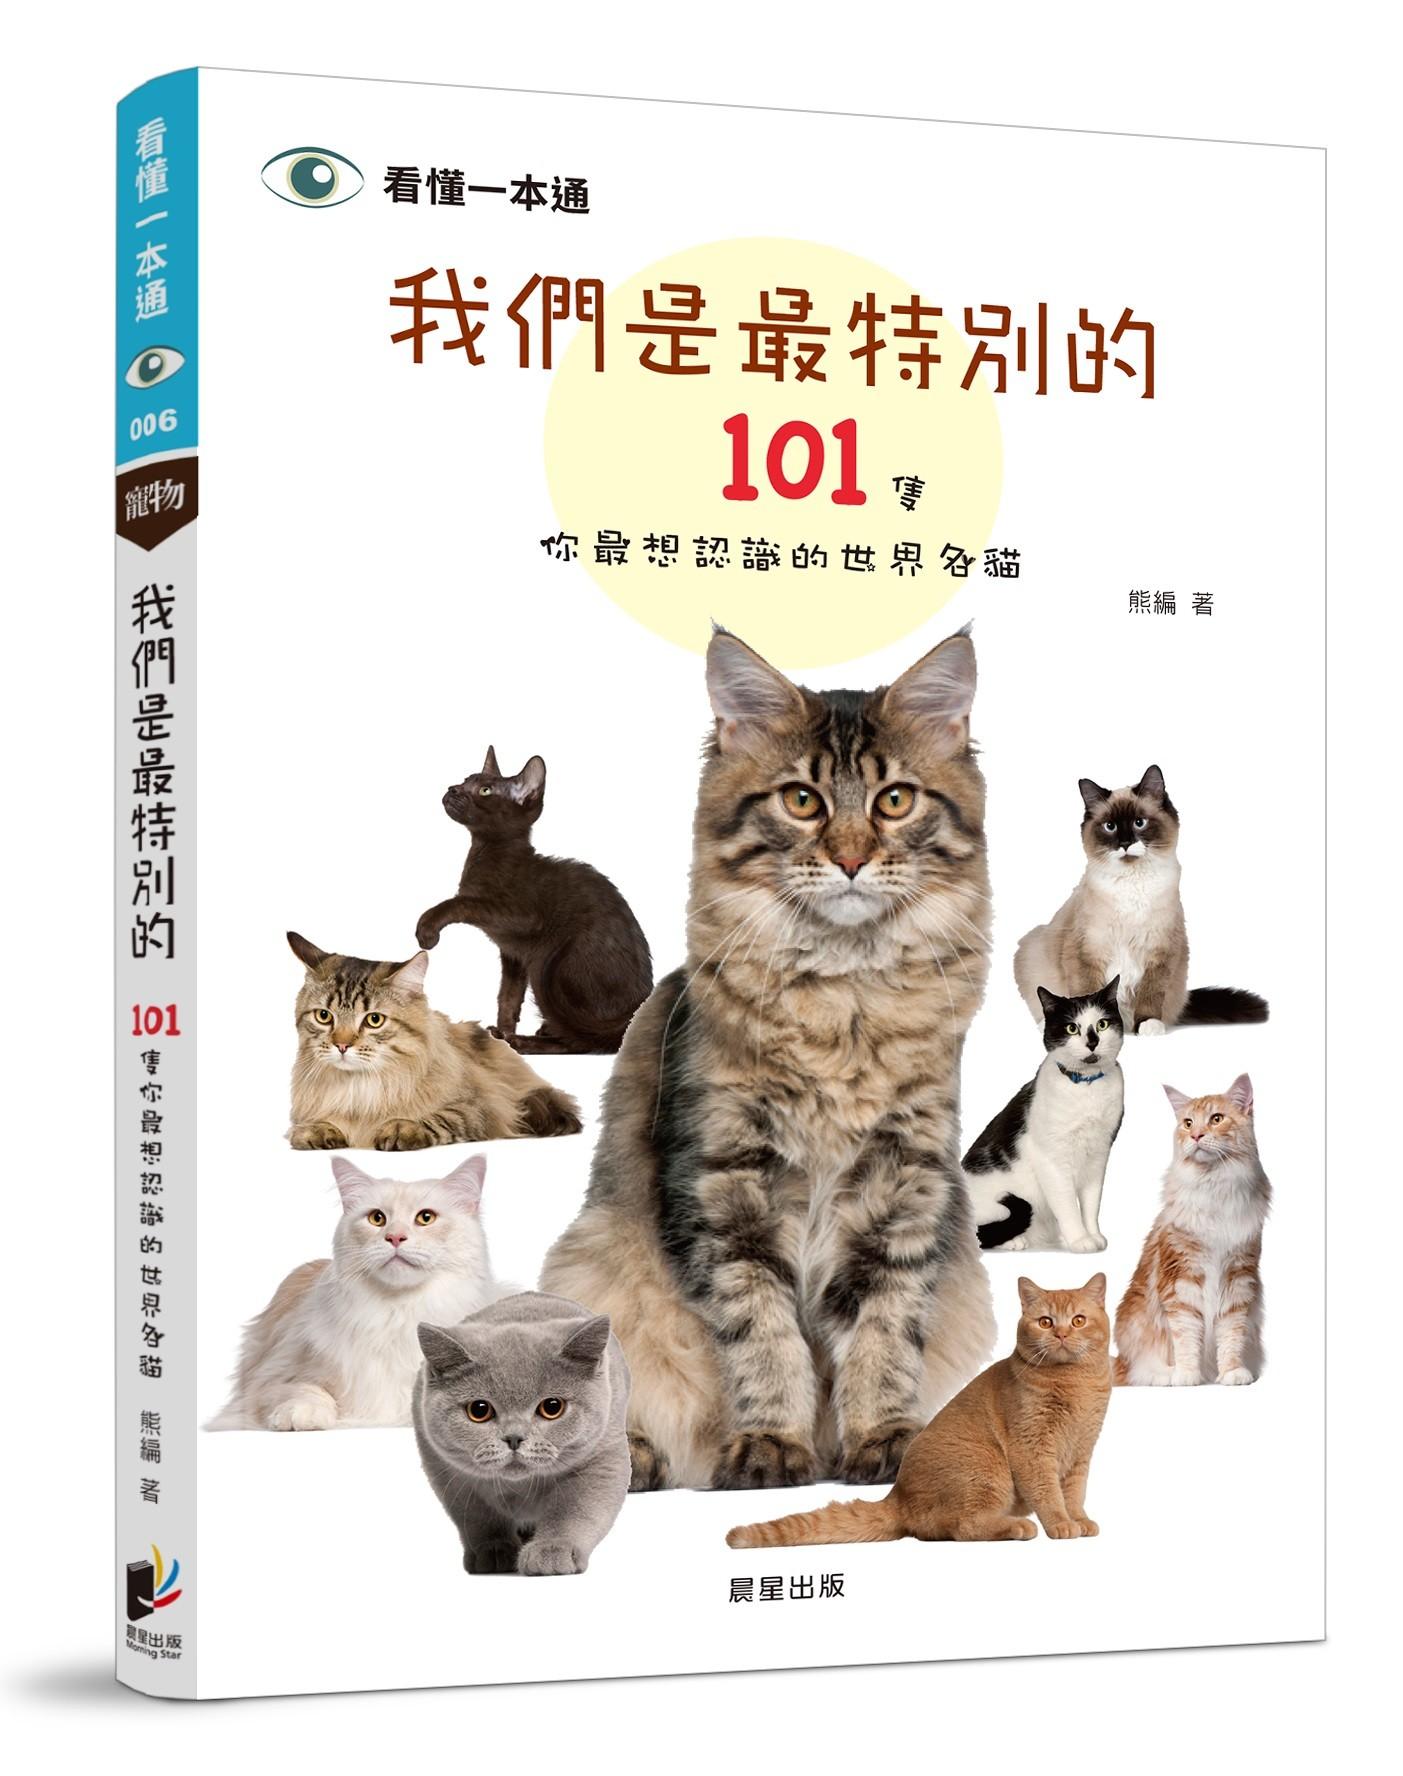 ▲我們是最特別的:101隻你最想認識的世界名貓。(圖/晨星出版提供)